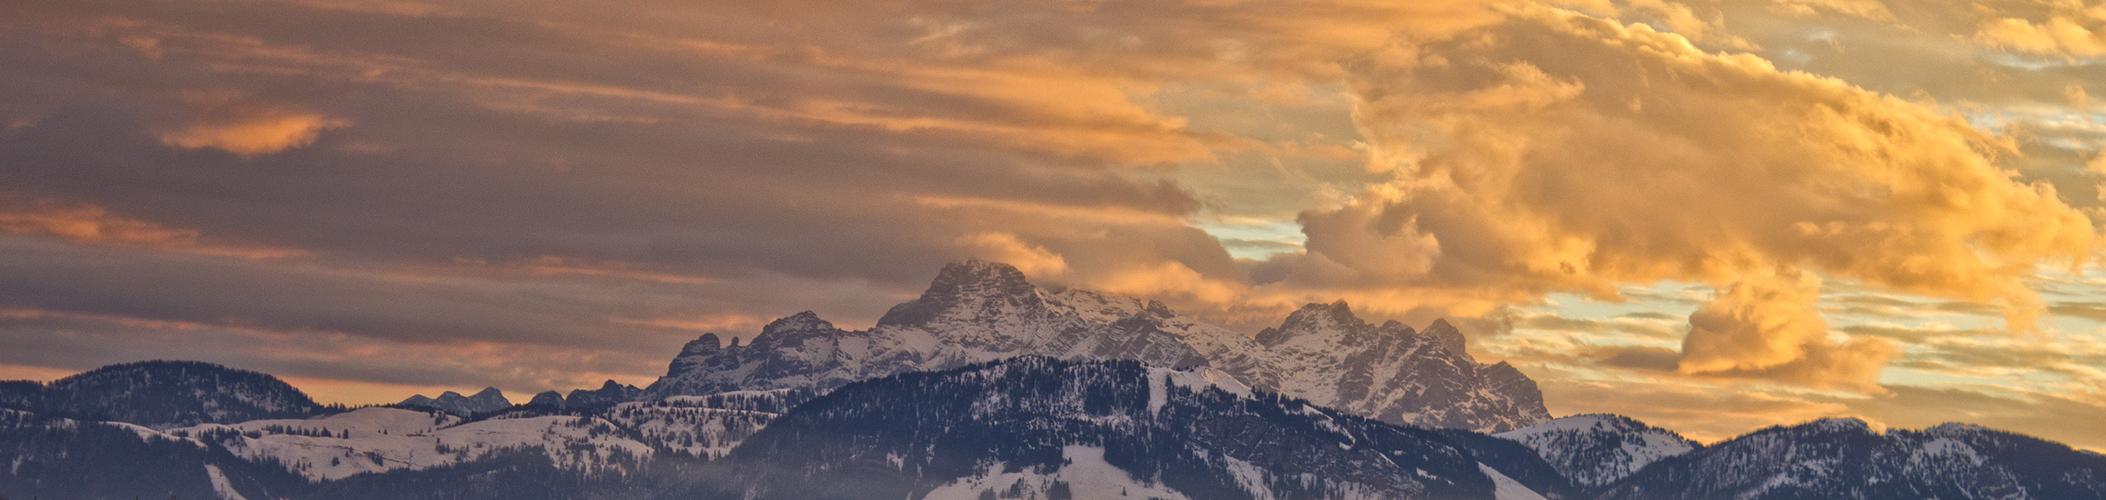 zur Abwechslung mal Berge